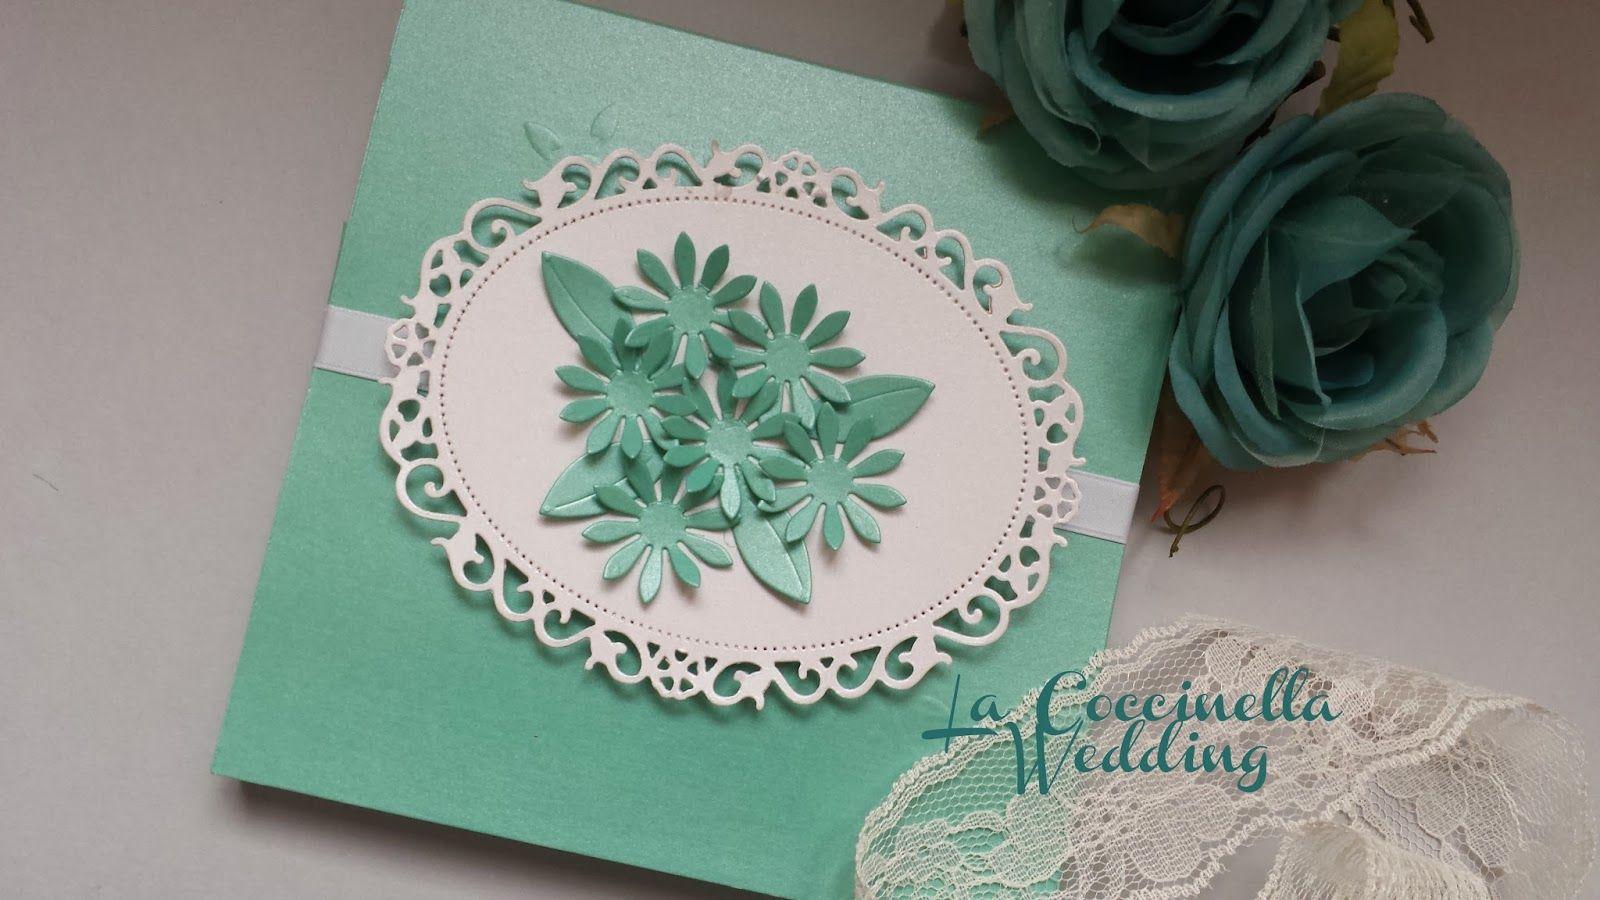 La Coccinella Wedding: Partecipazione Verde Tiffany